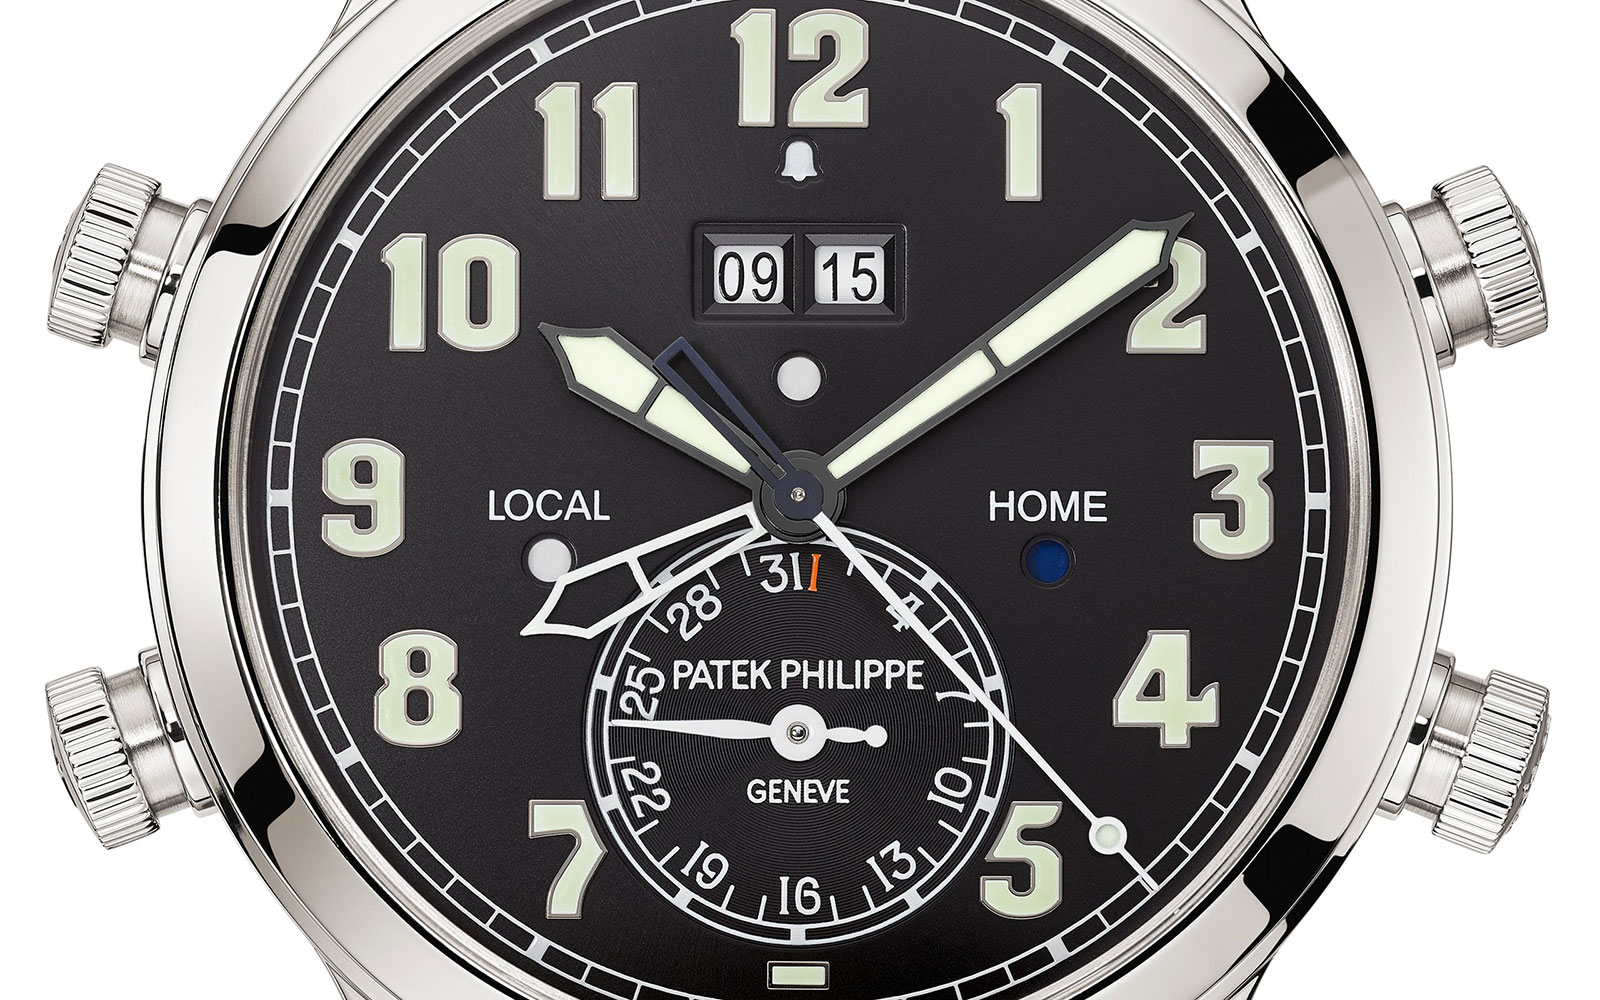 Patek philippe Ref. 5520P Alarm Travel Time 8